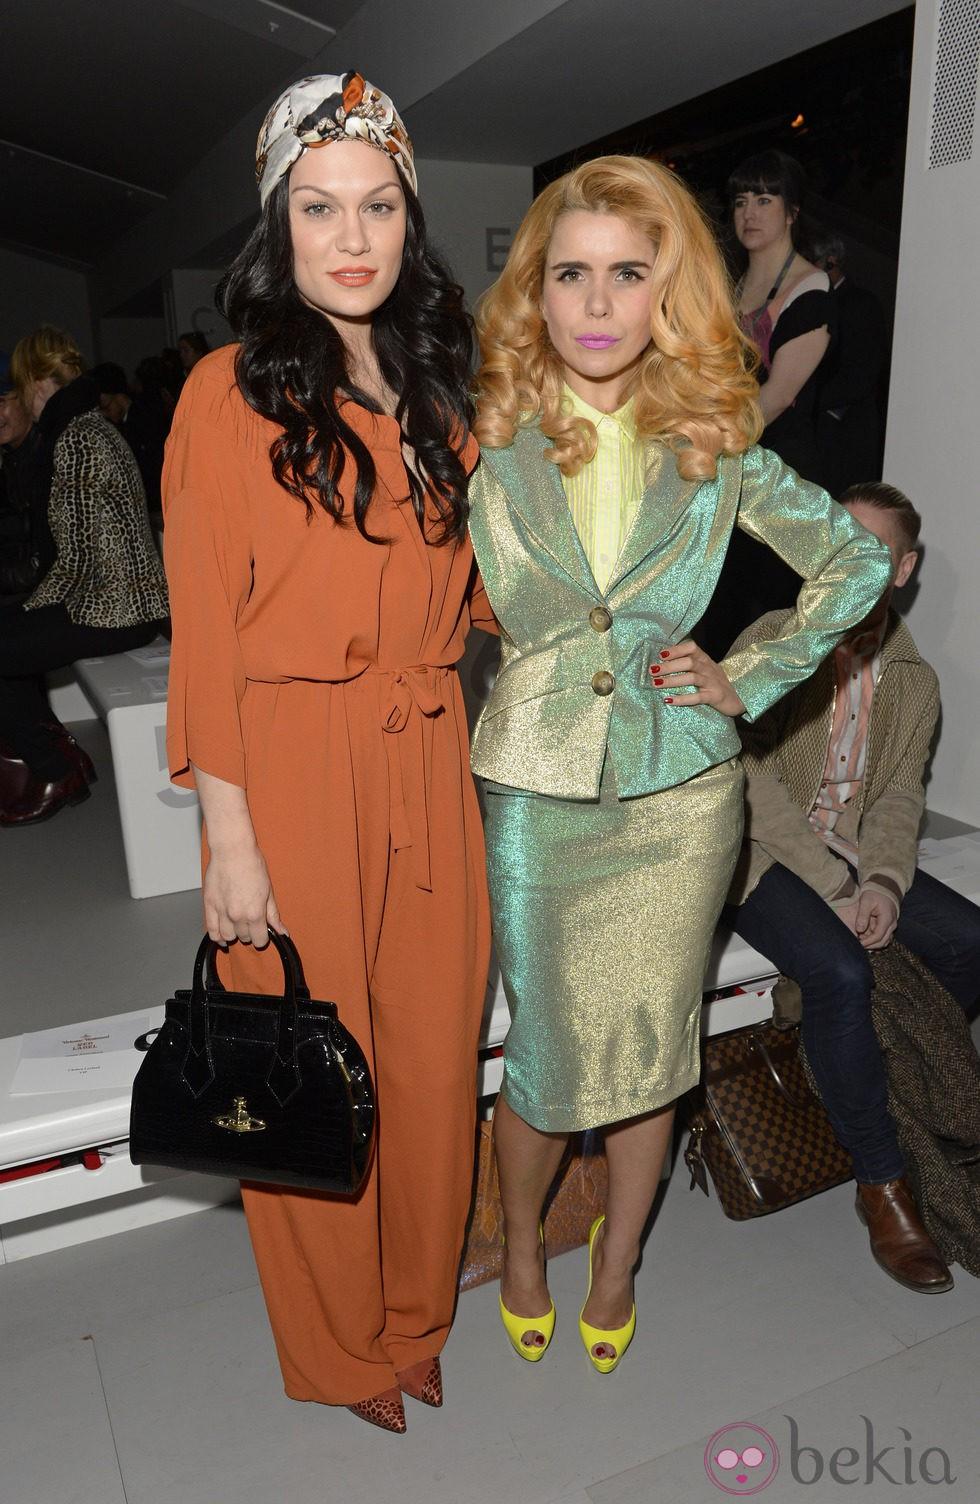 Jessie J y Paloma Faith en el front row de la Semana de la Moda de Londres 2014